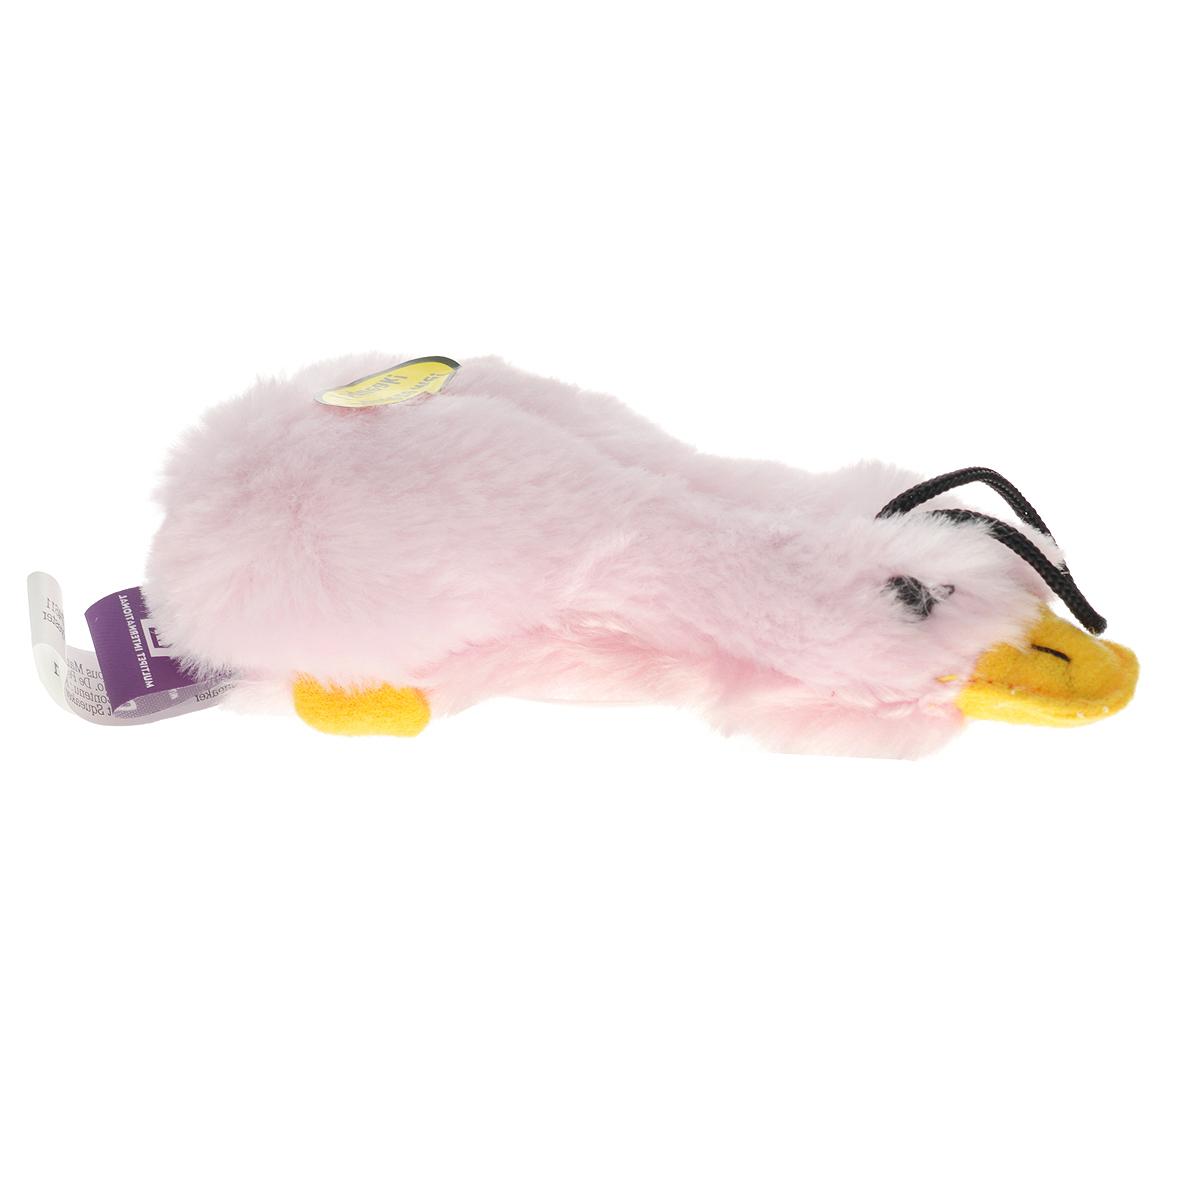 Игрушка для животных Multipet Утка, с пищалкой, цвет: розовый12-37706Игрушка Multipet Утка, изготовленная из искусственного меха, предназначена для собак и кошек различных пород. Игрушка при надавливании или захвате пастью пищит. Такая игрушка порадует вашего любимца, а вам доставит массу приятных эмоций, ведь наблюдать за игрой всегда интересно и приятно.